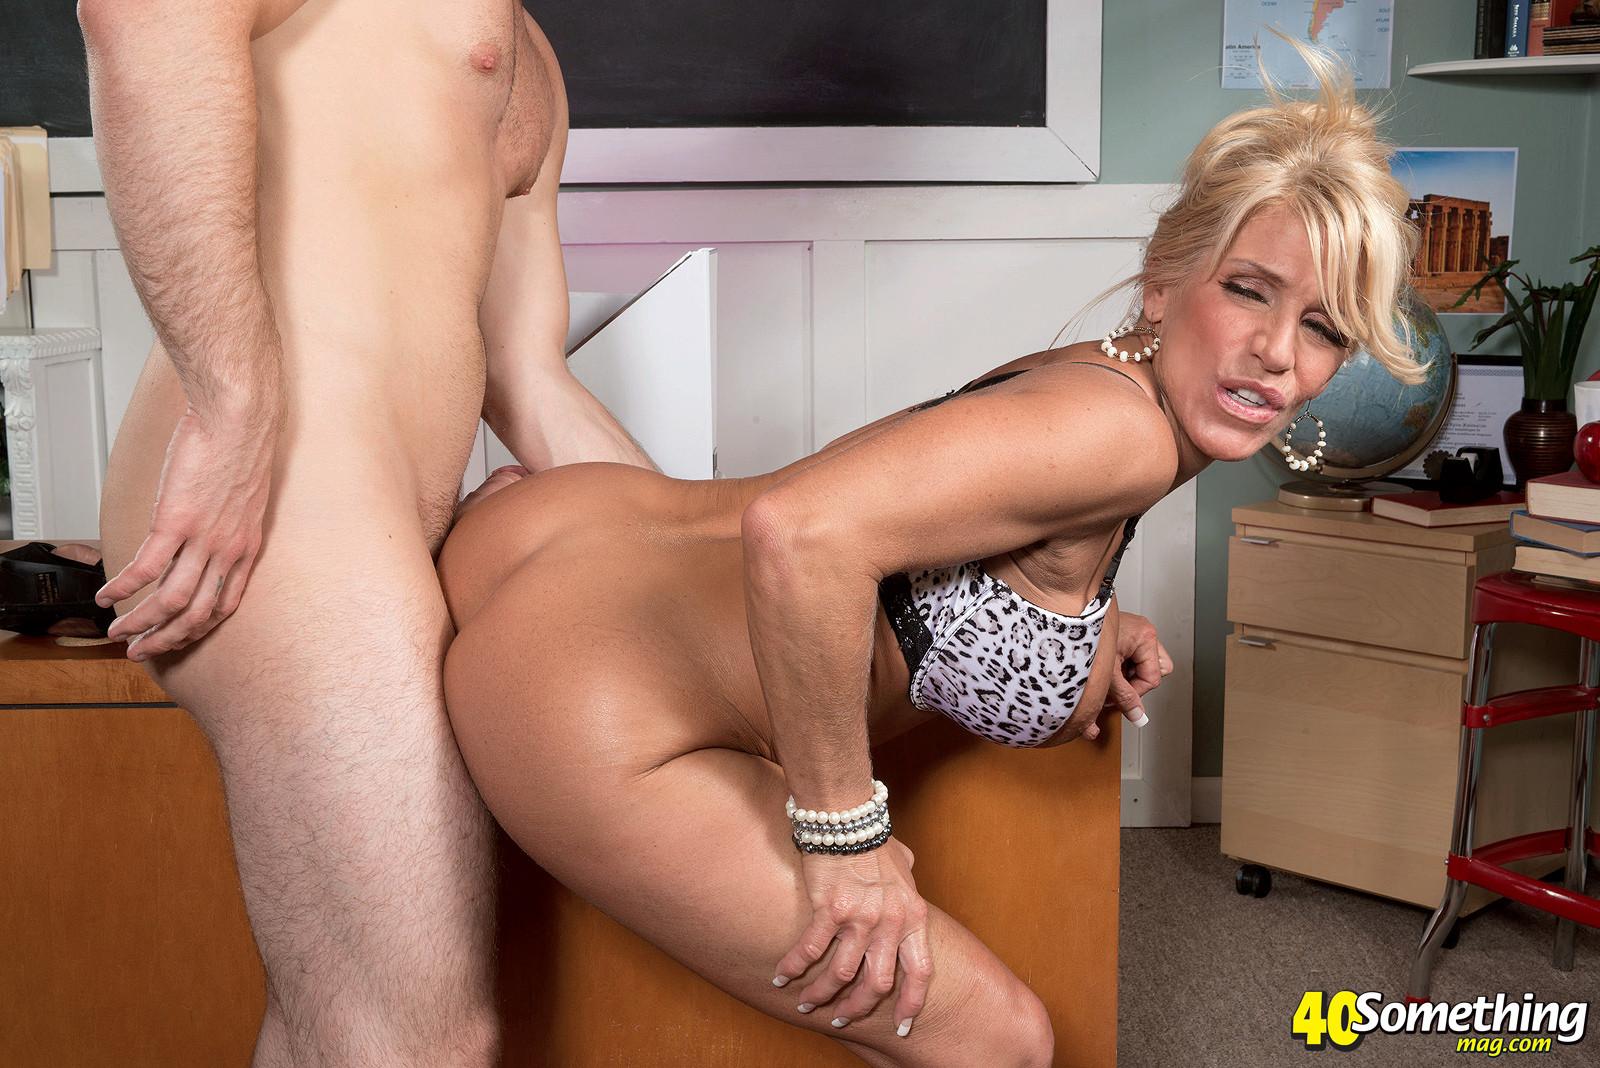 Mature porn stars fuck — pic 6